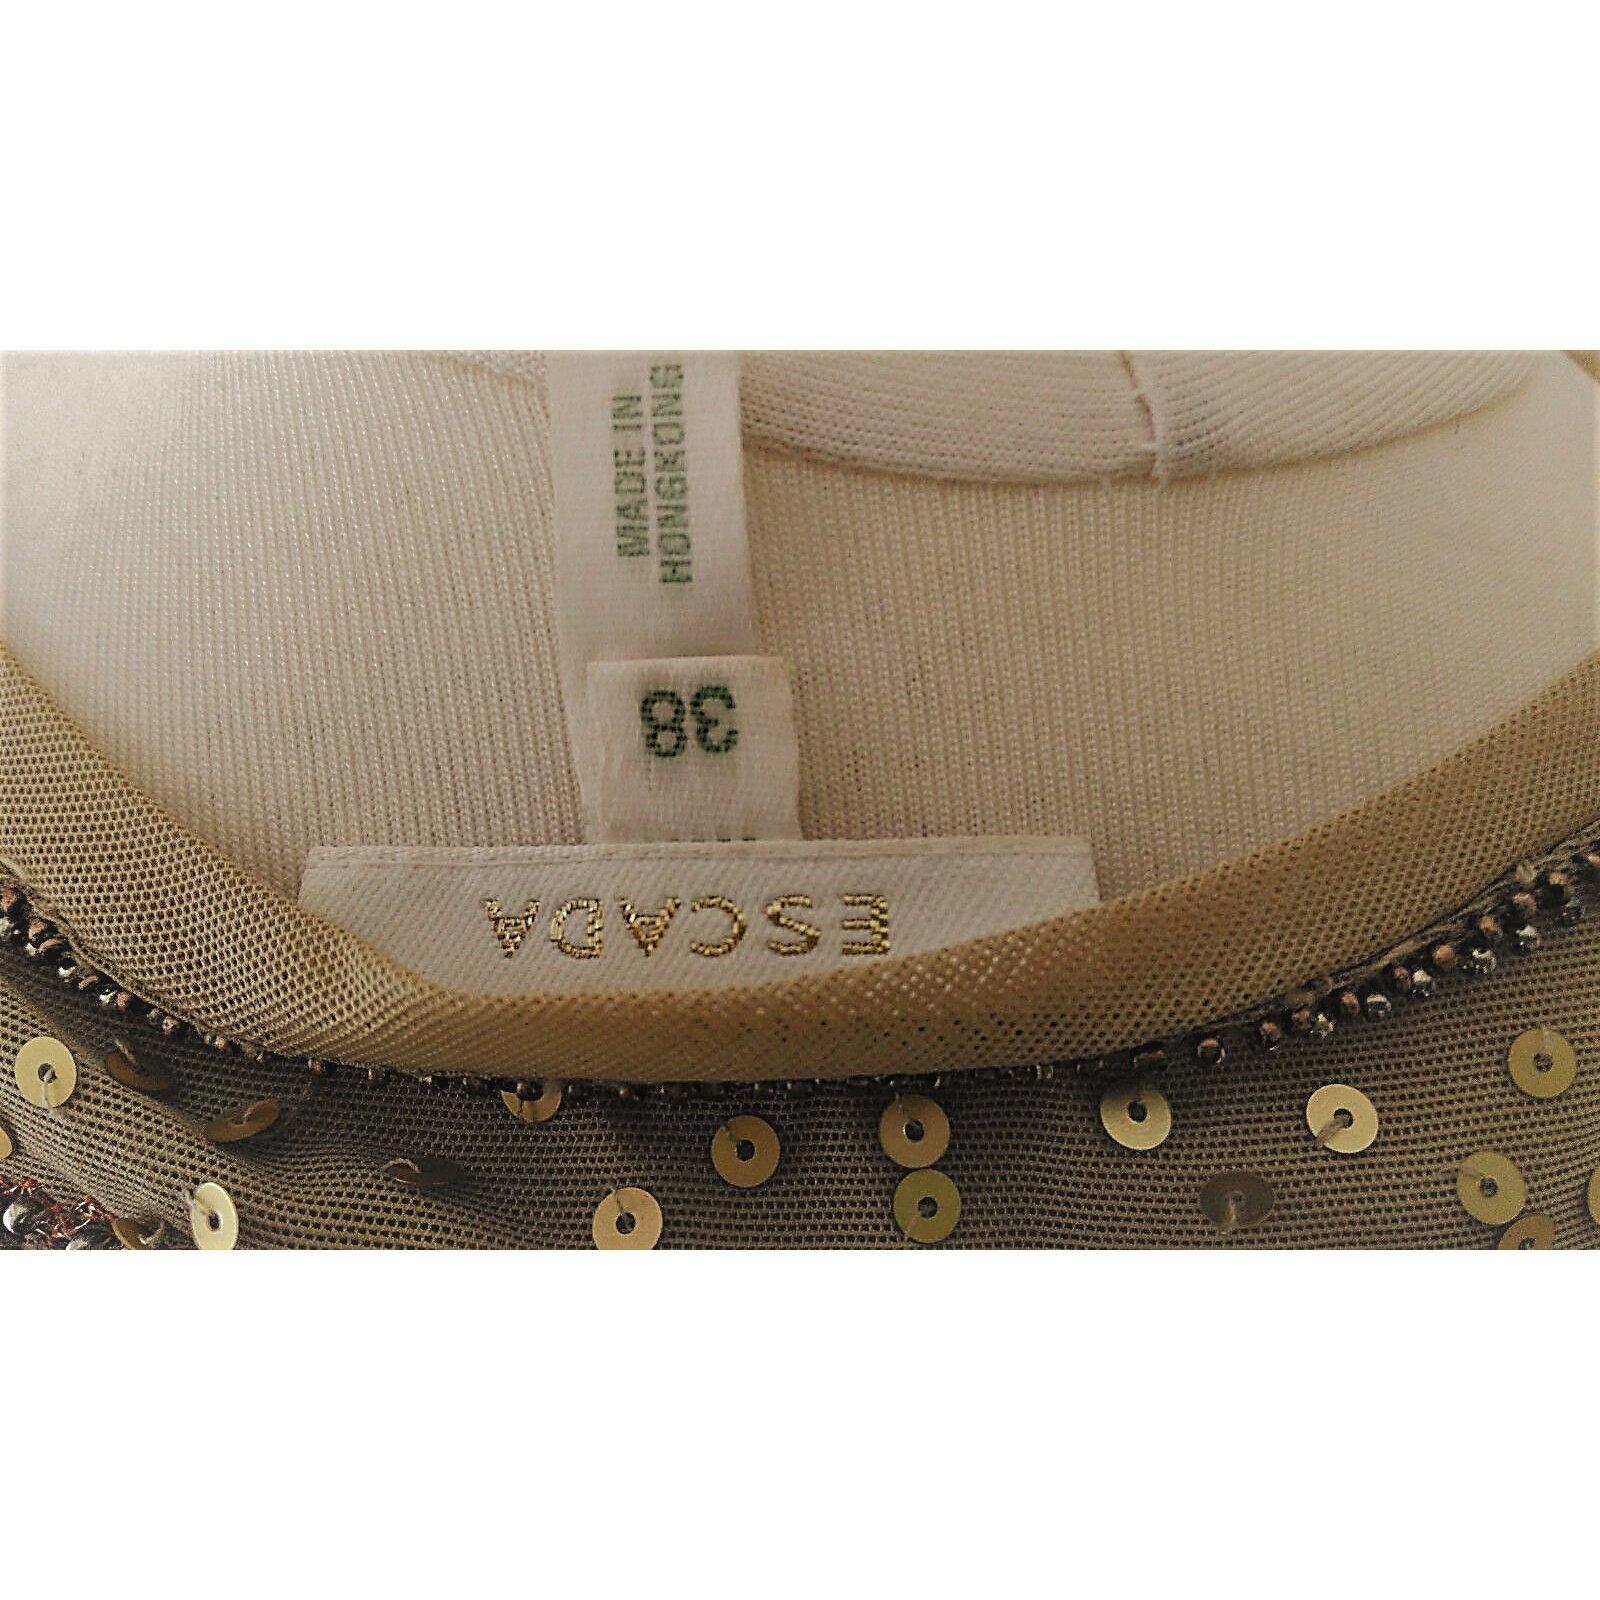 04d3bf1f1b3334 Escada Tops Tops Silk Silvery